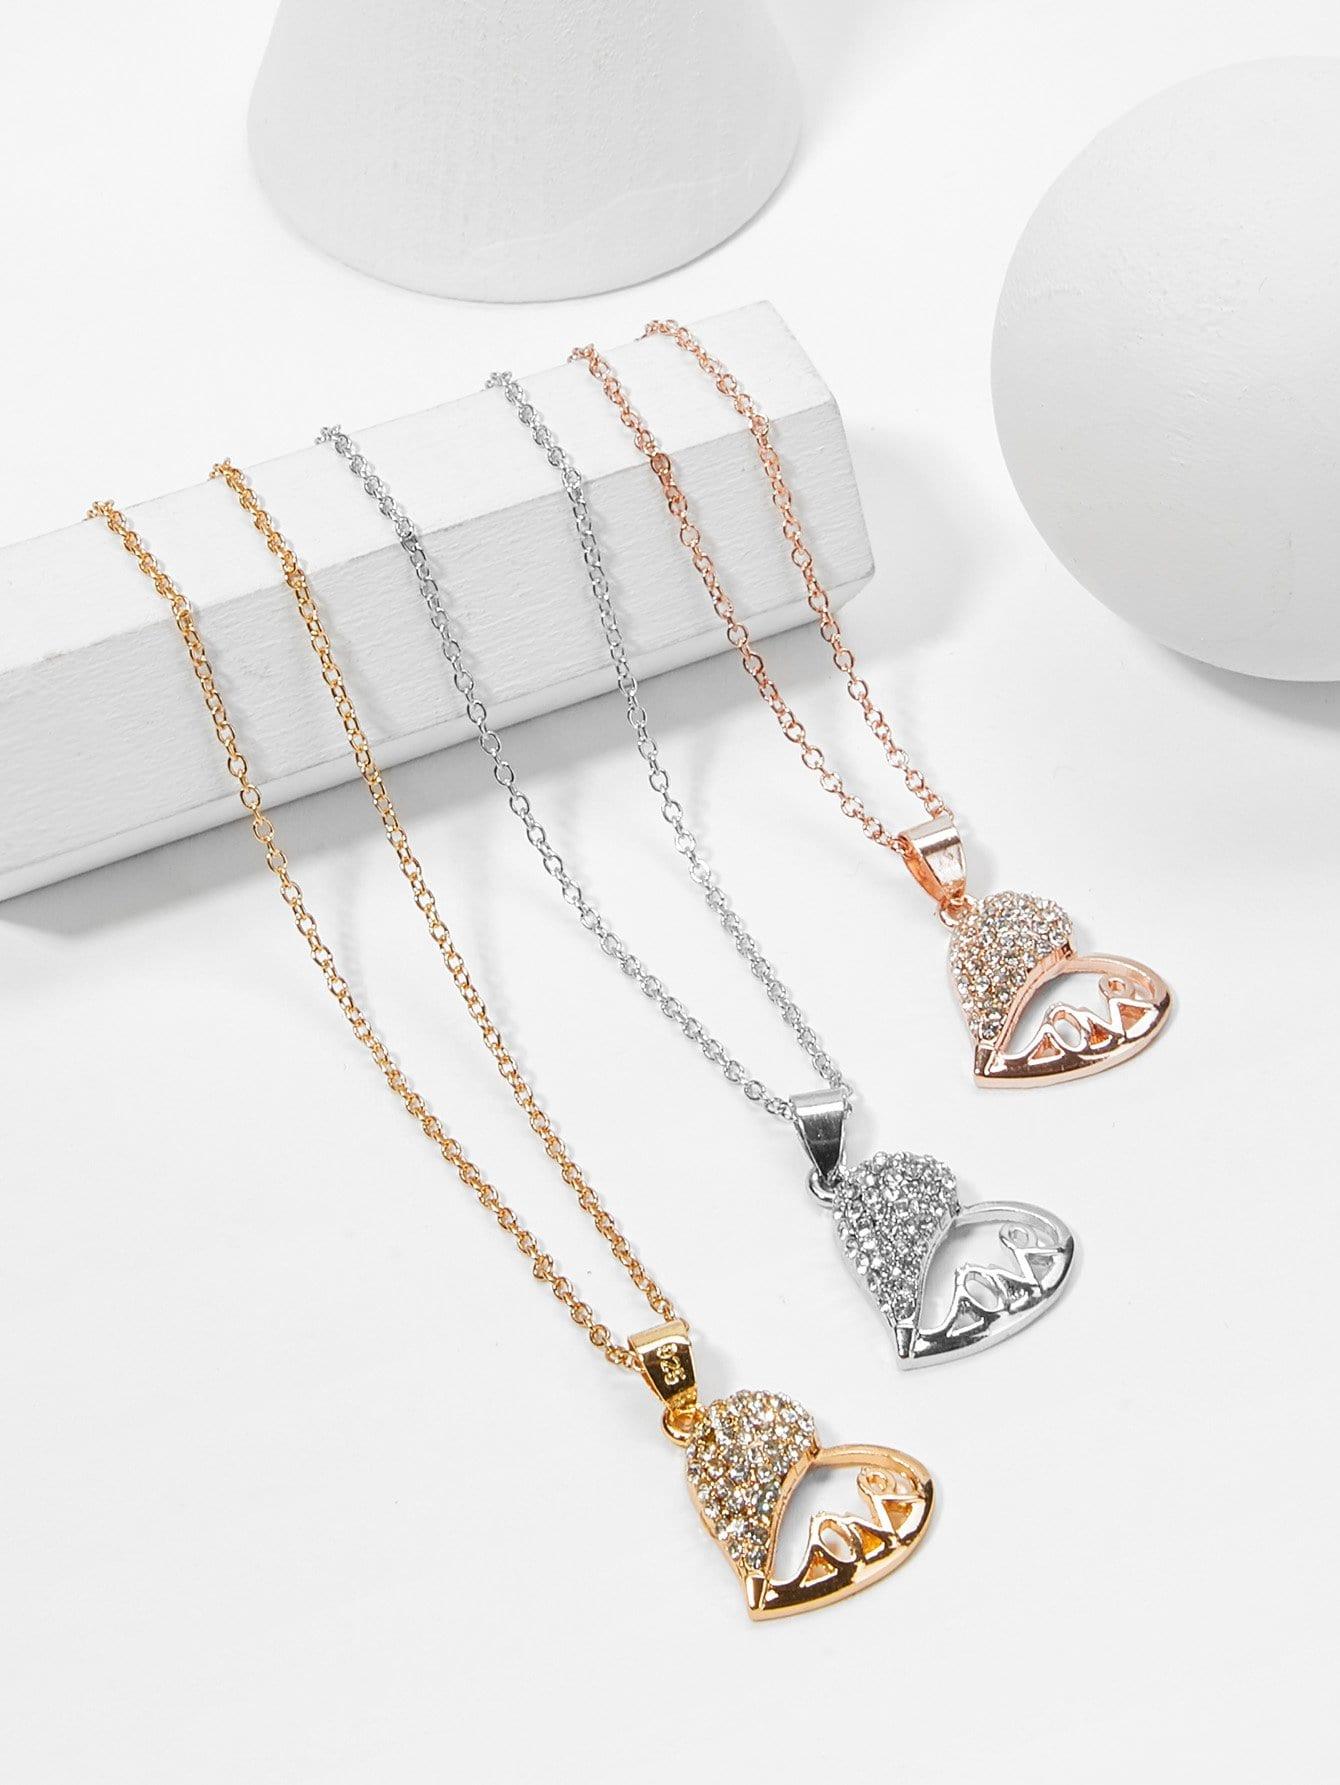 Hollow Heart Pendant Necklace Set 3pcs hollow heart pendant necklace set 3pcs